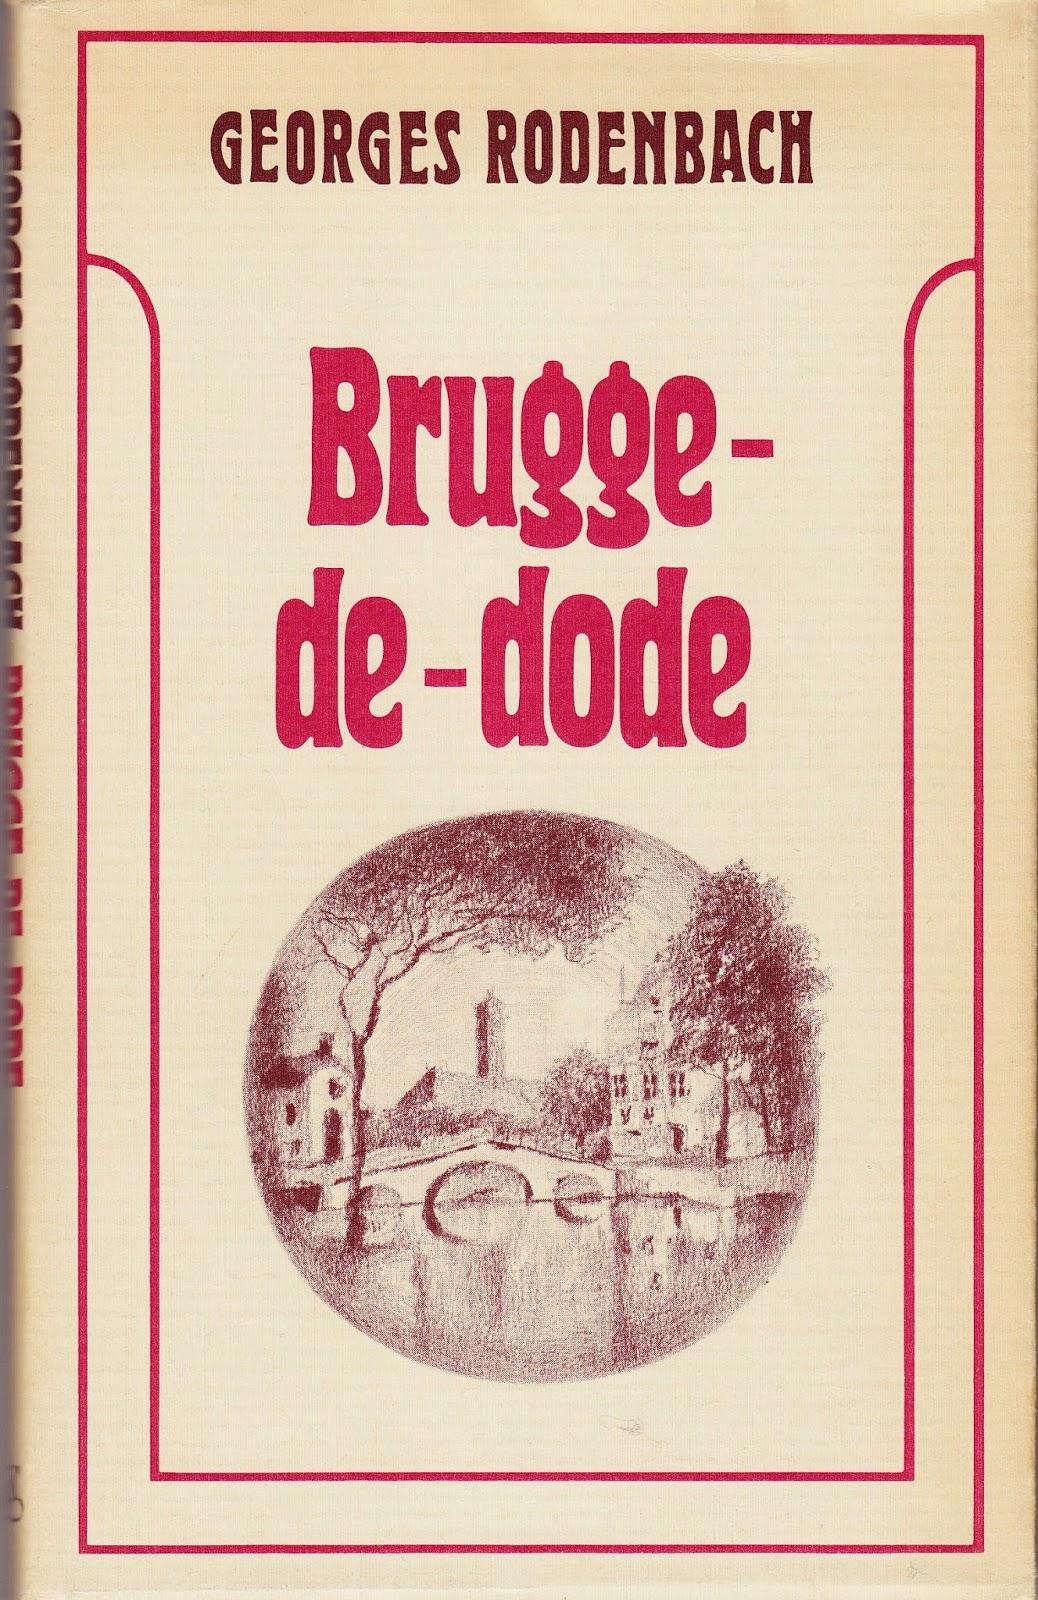 Brugge-de-dode - De Leesclub van Alles